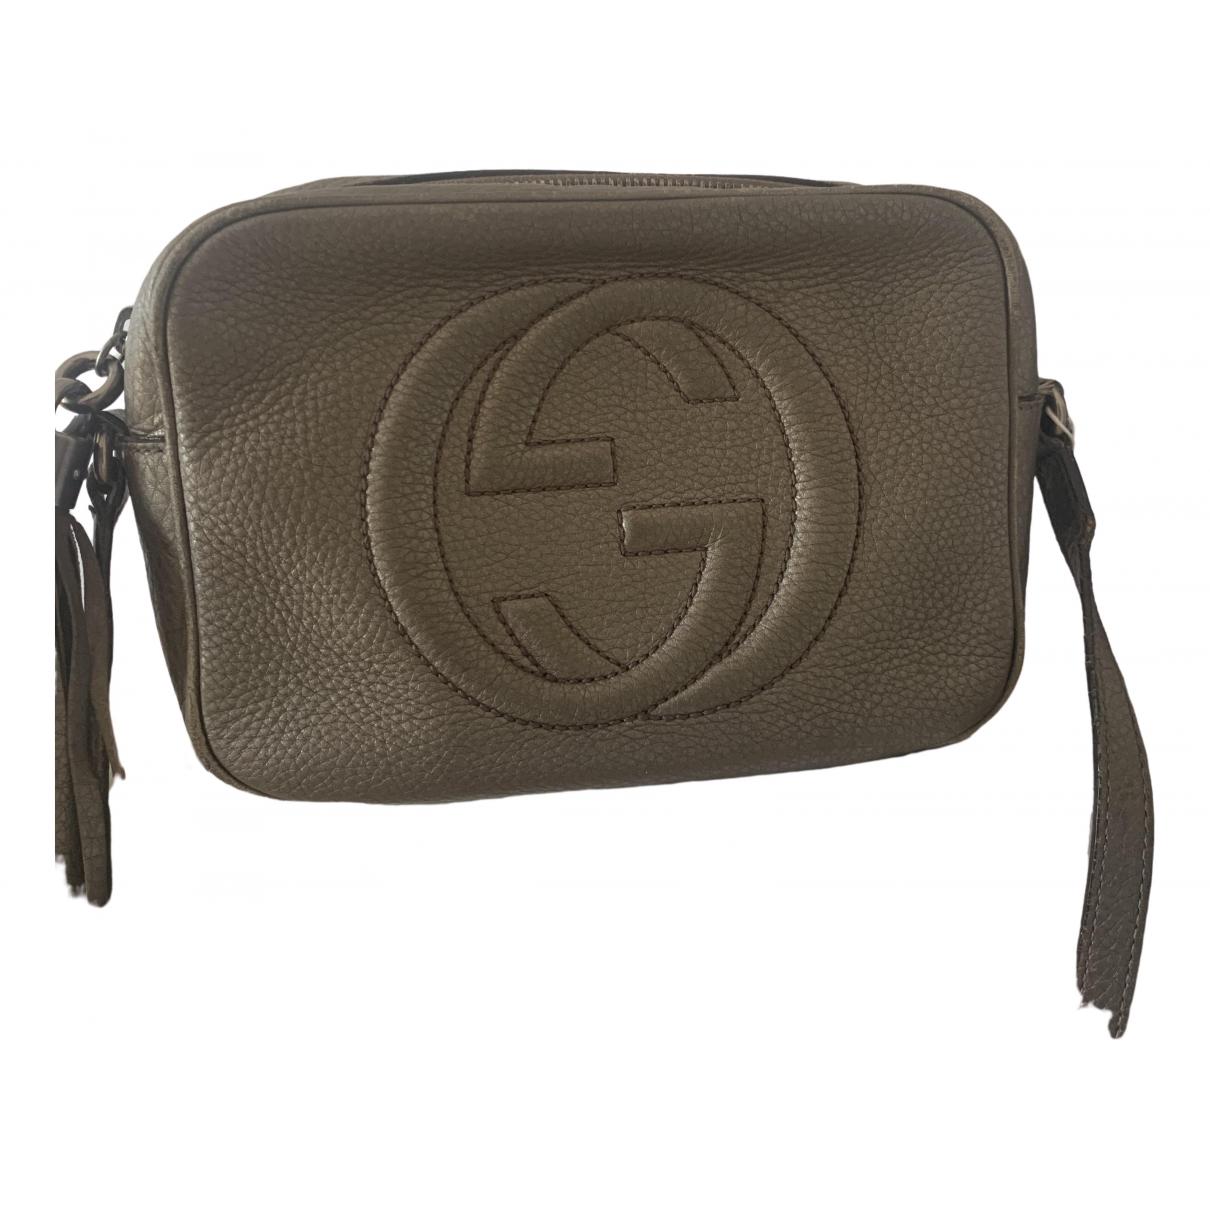 Gucci - Sac a main Soho pour femme en cuir - metallise